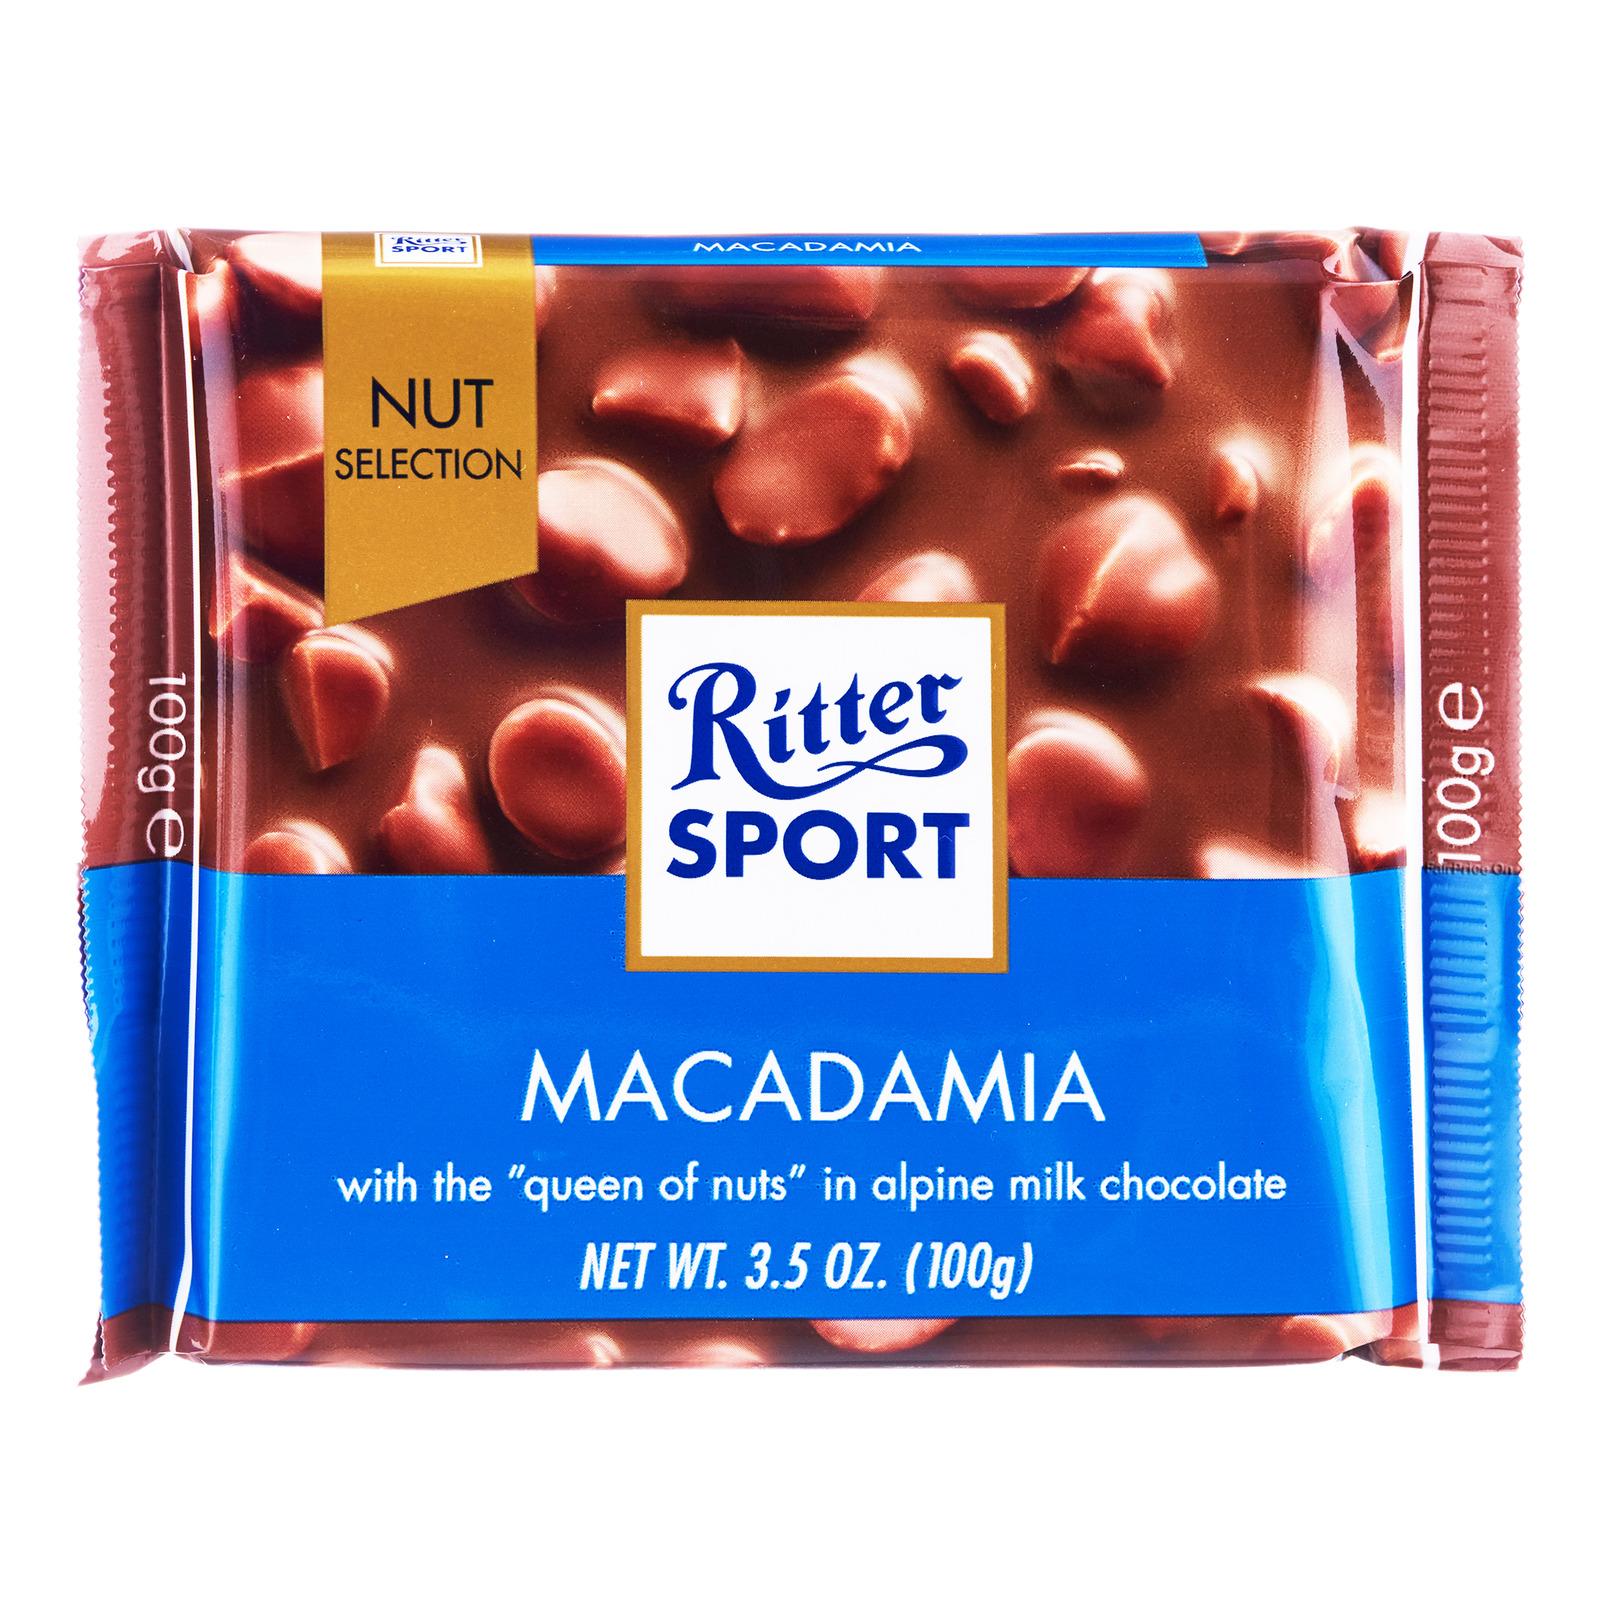 Ritter Sport Chocolate - Macadamia